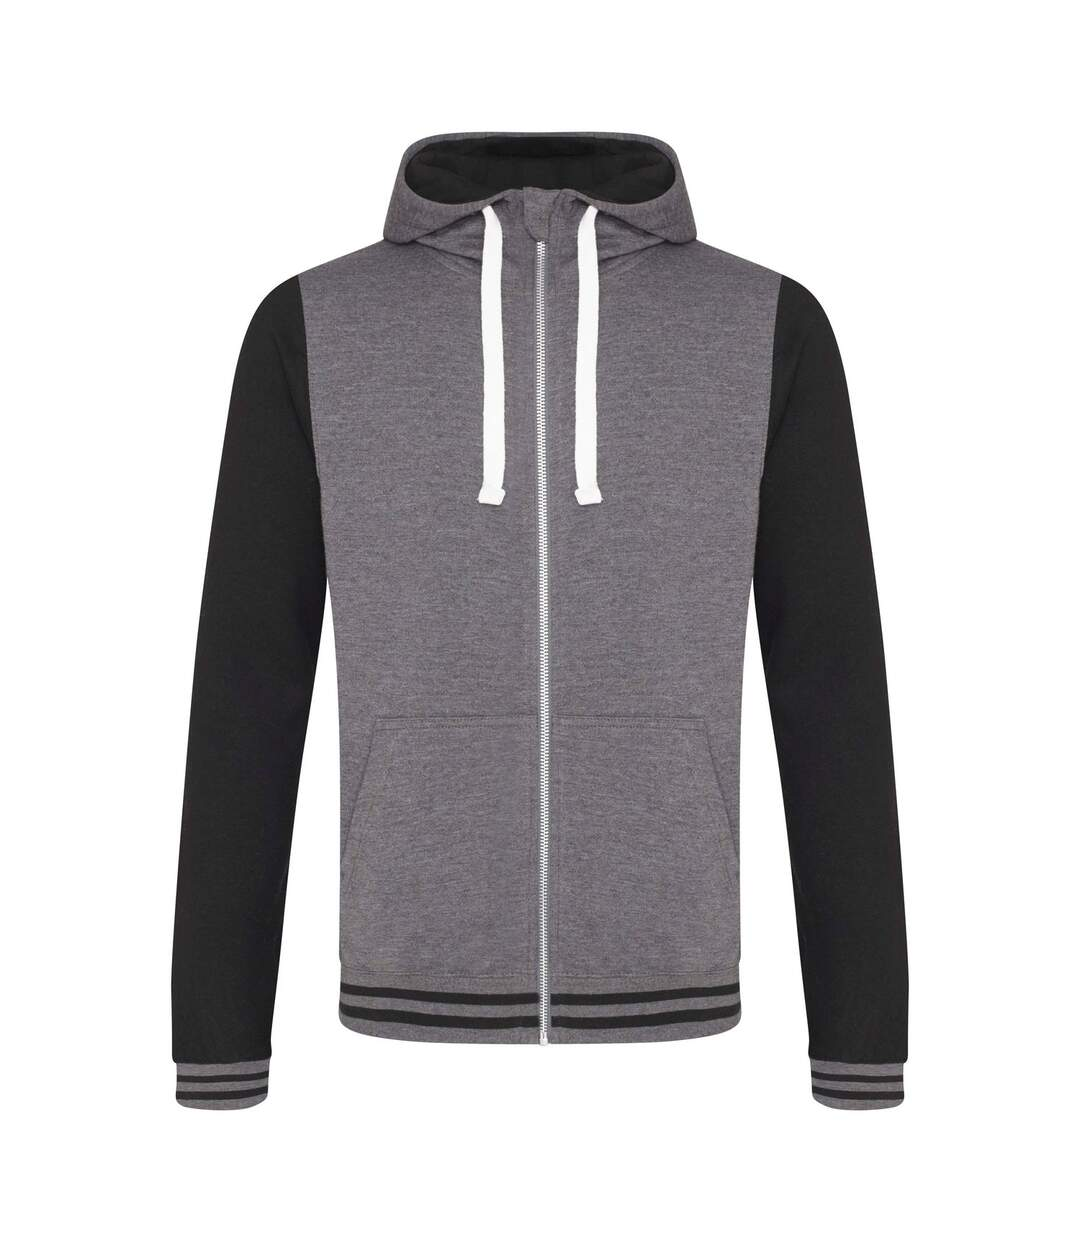 Sweat-shirt zippé à capuche - homme - JH051 - gris foncé